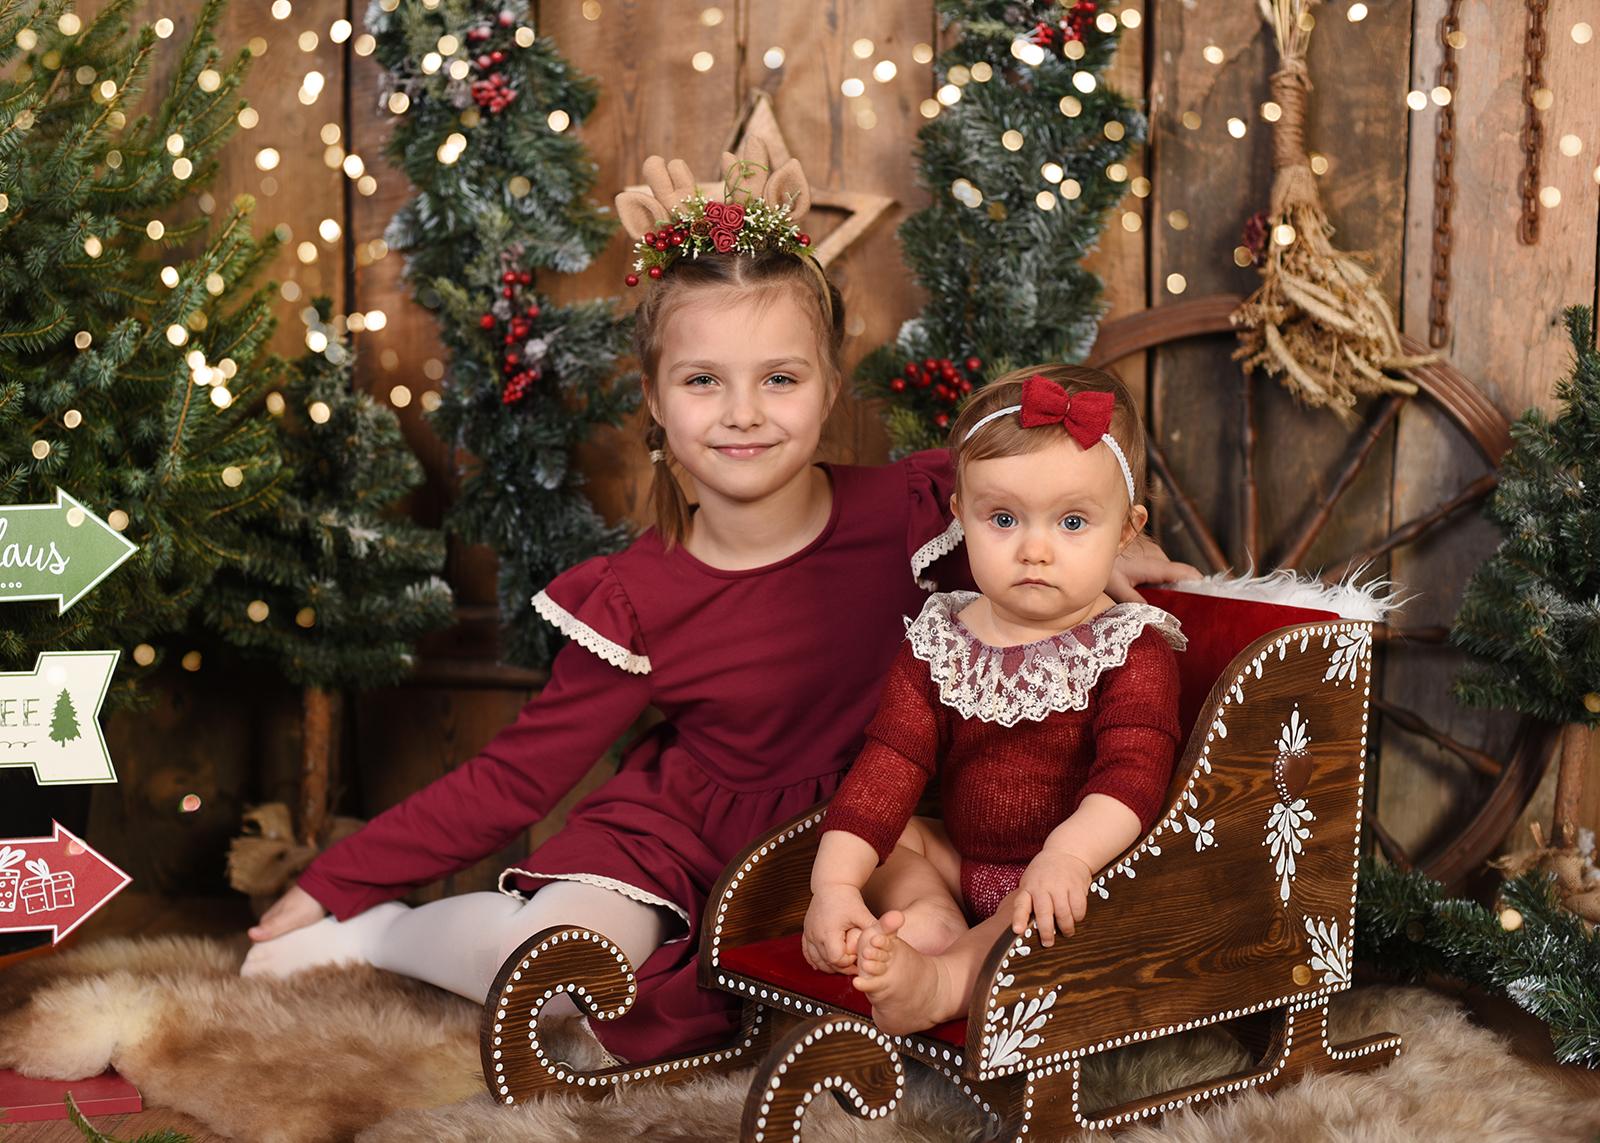 Sesja Świąteczna 2019 - Oliwia i Zuzia